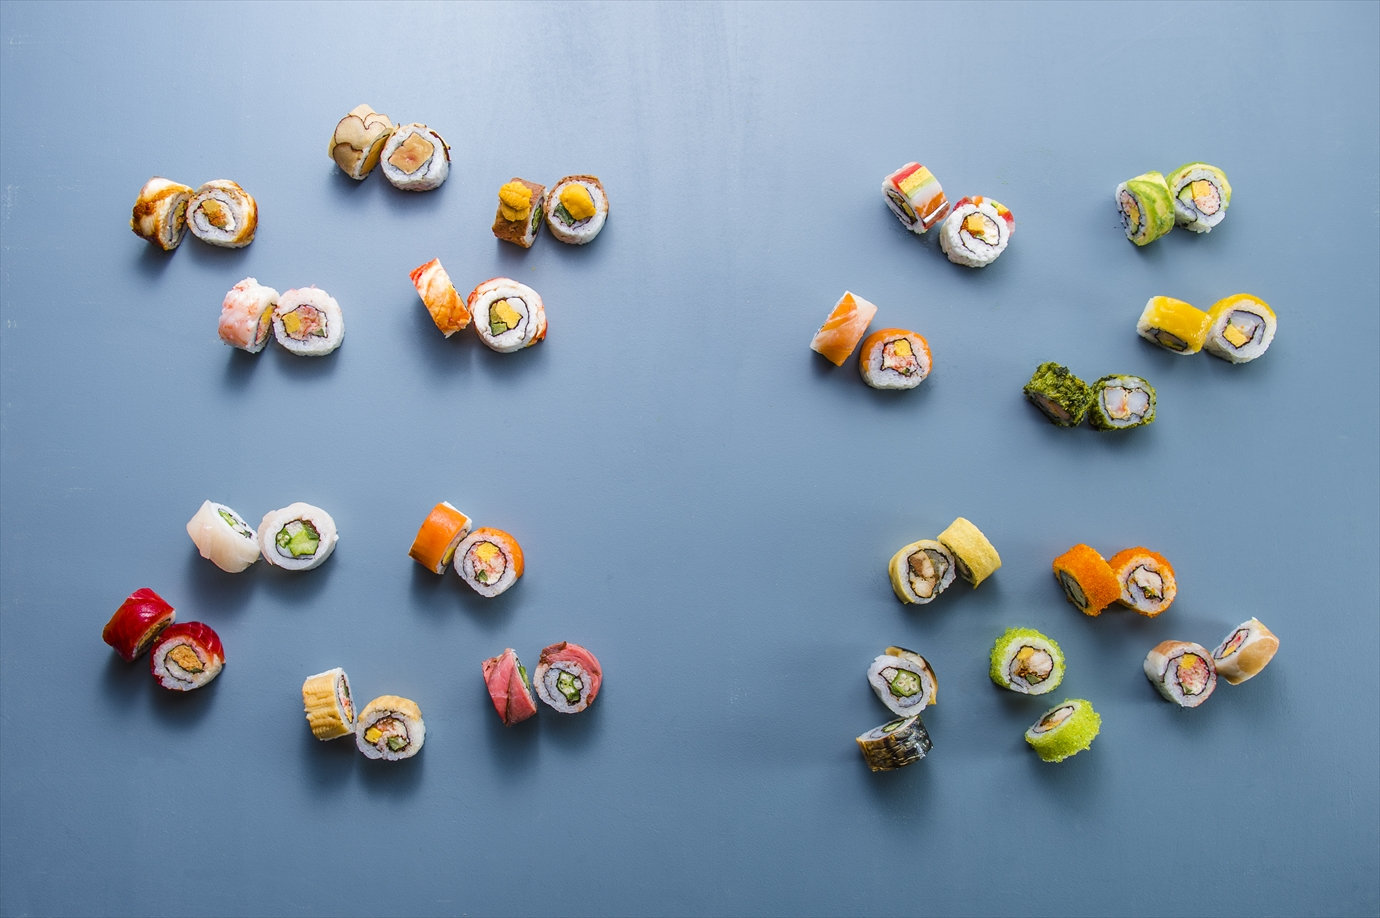 shari-the-tokyo-sushi-bar%e3%80%90%e3%83%ad%e3%83%bc%e3%83%ab%e5%af%bf%e5%8f%b8%e3%80%91%e9%9b%86%e5%90%881